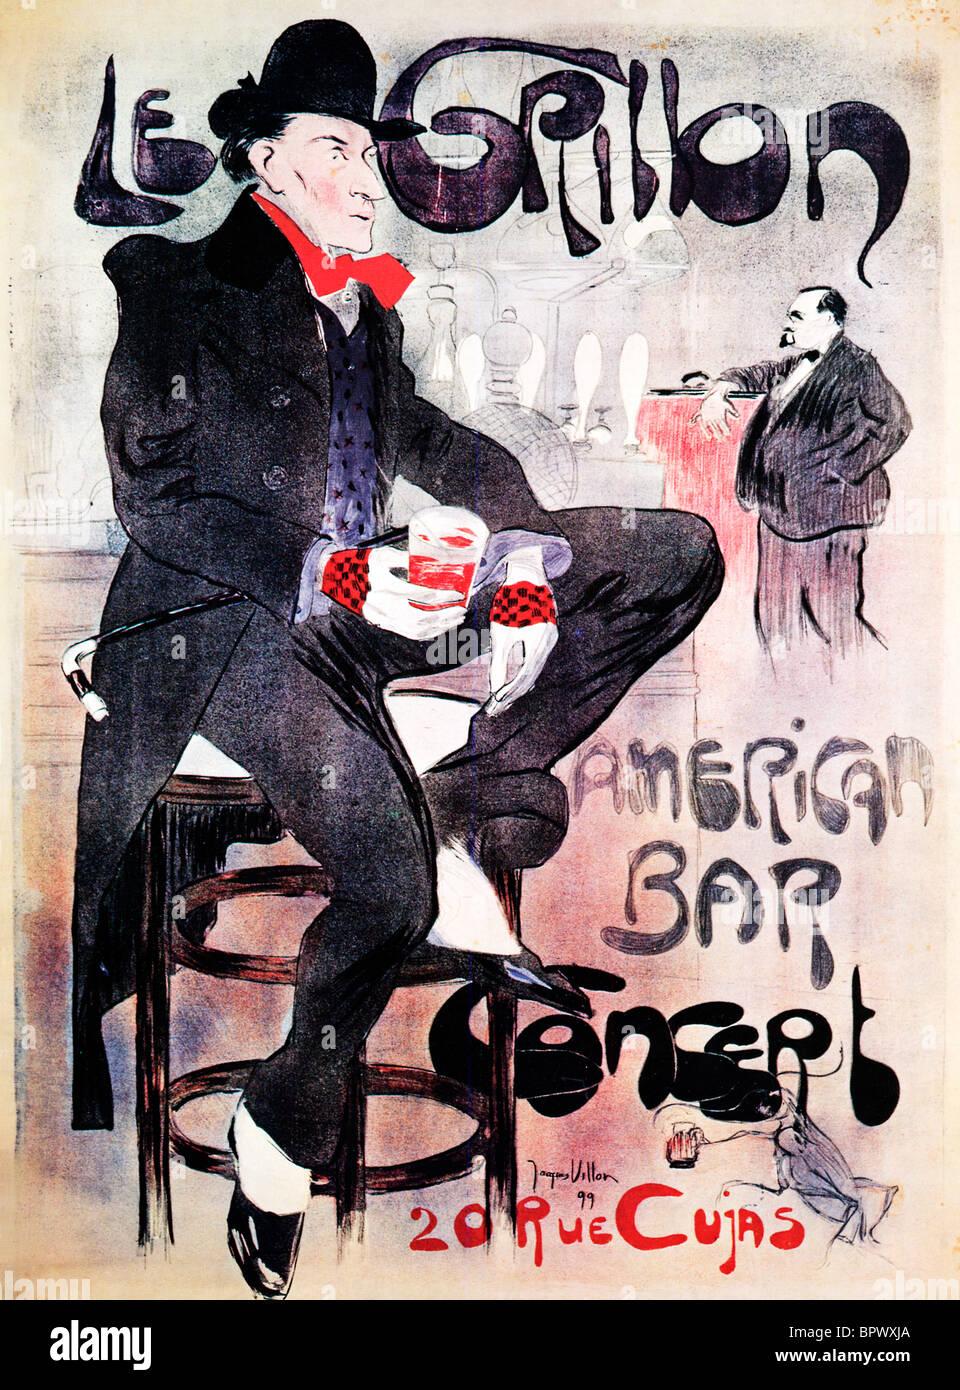 Le Grillon, 1899 Art Nouveau poster by Montmartre artist Jacques Villon for a fashionable Parisian American Bar - Stock Image